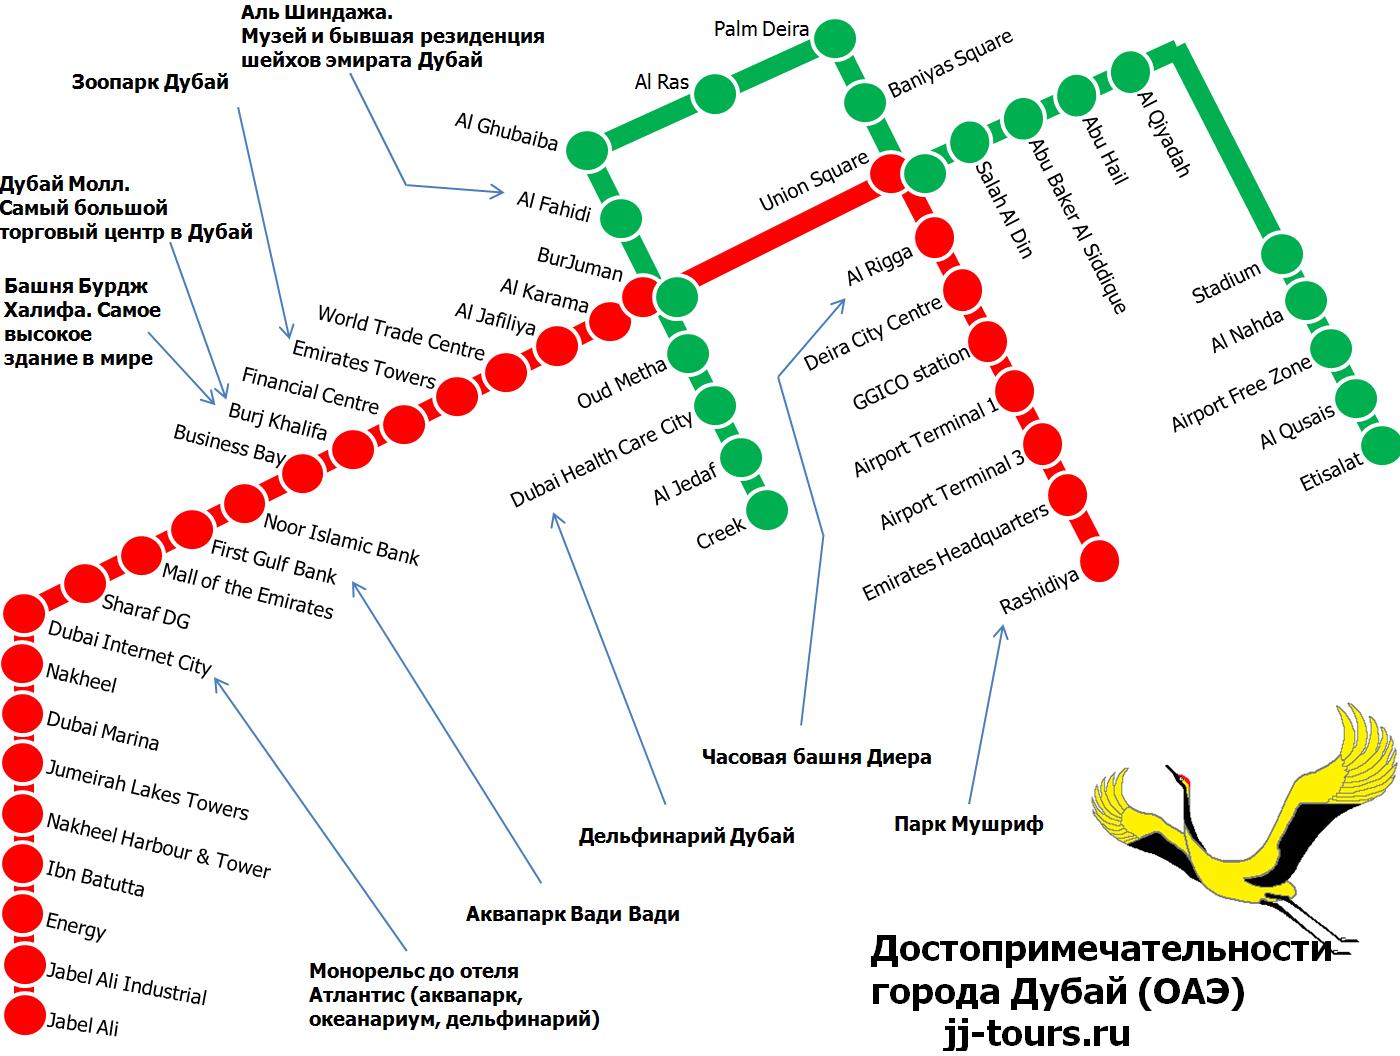 Схема метро Дубая с достопримечательностями